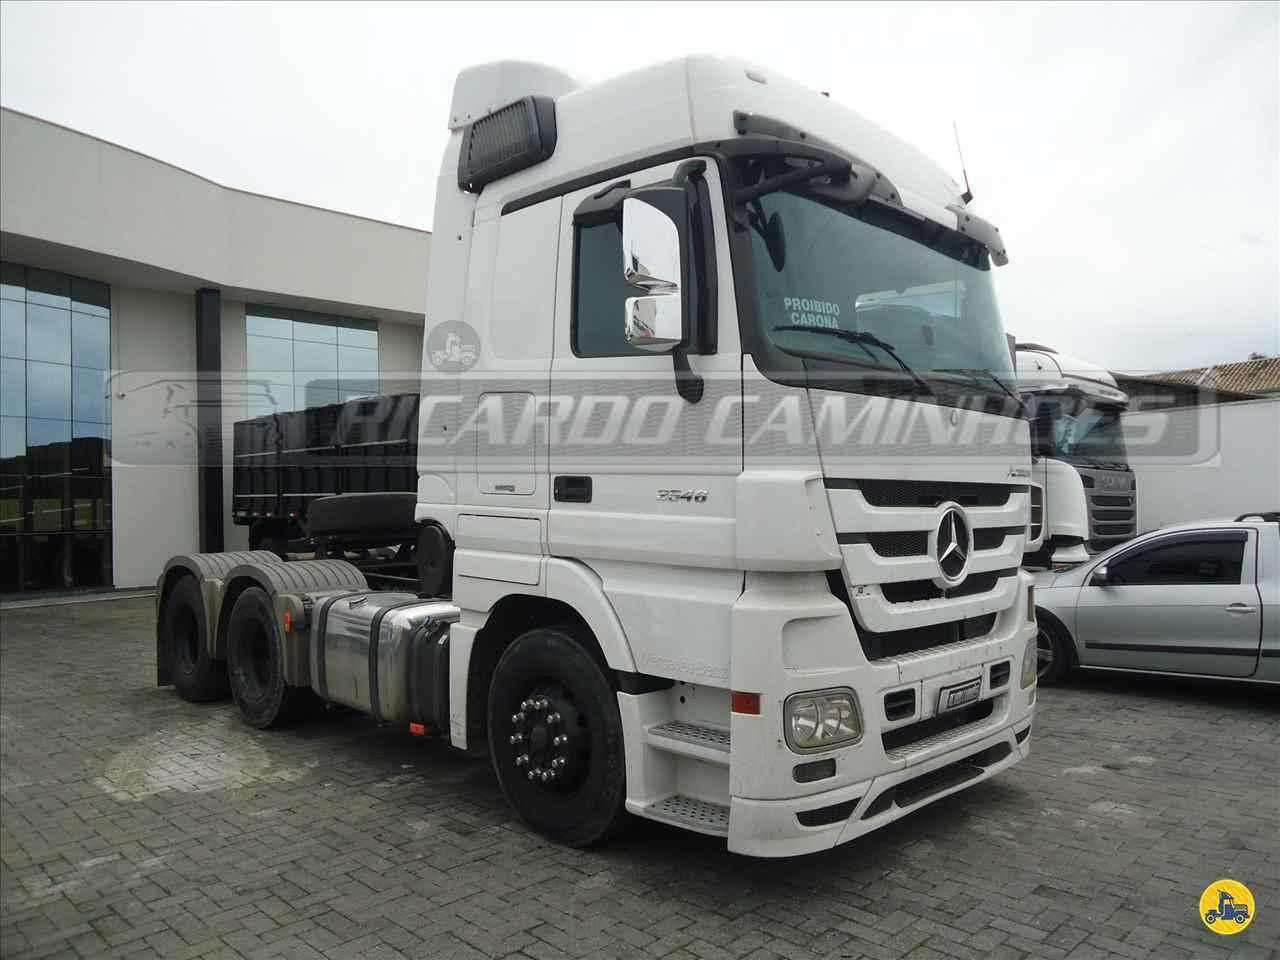 CAMINHAO MERCEDES-BENZ MB 2546 Cavalo Mecânico Truck 6x2 Ricardo Caminhões Curitiba CURITIBA PARANÁ PR